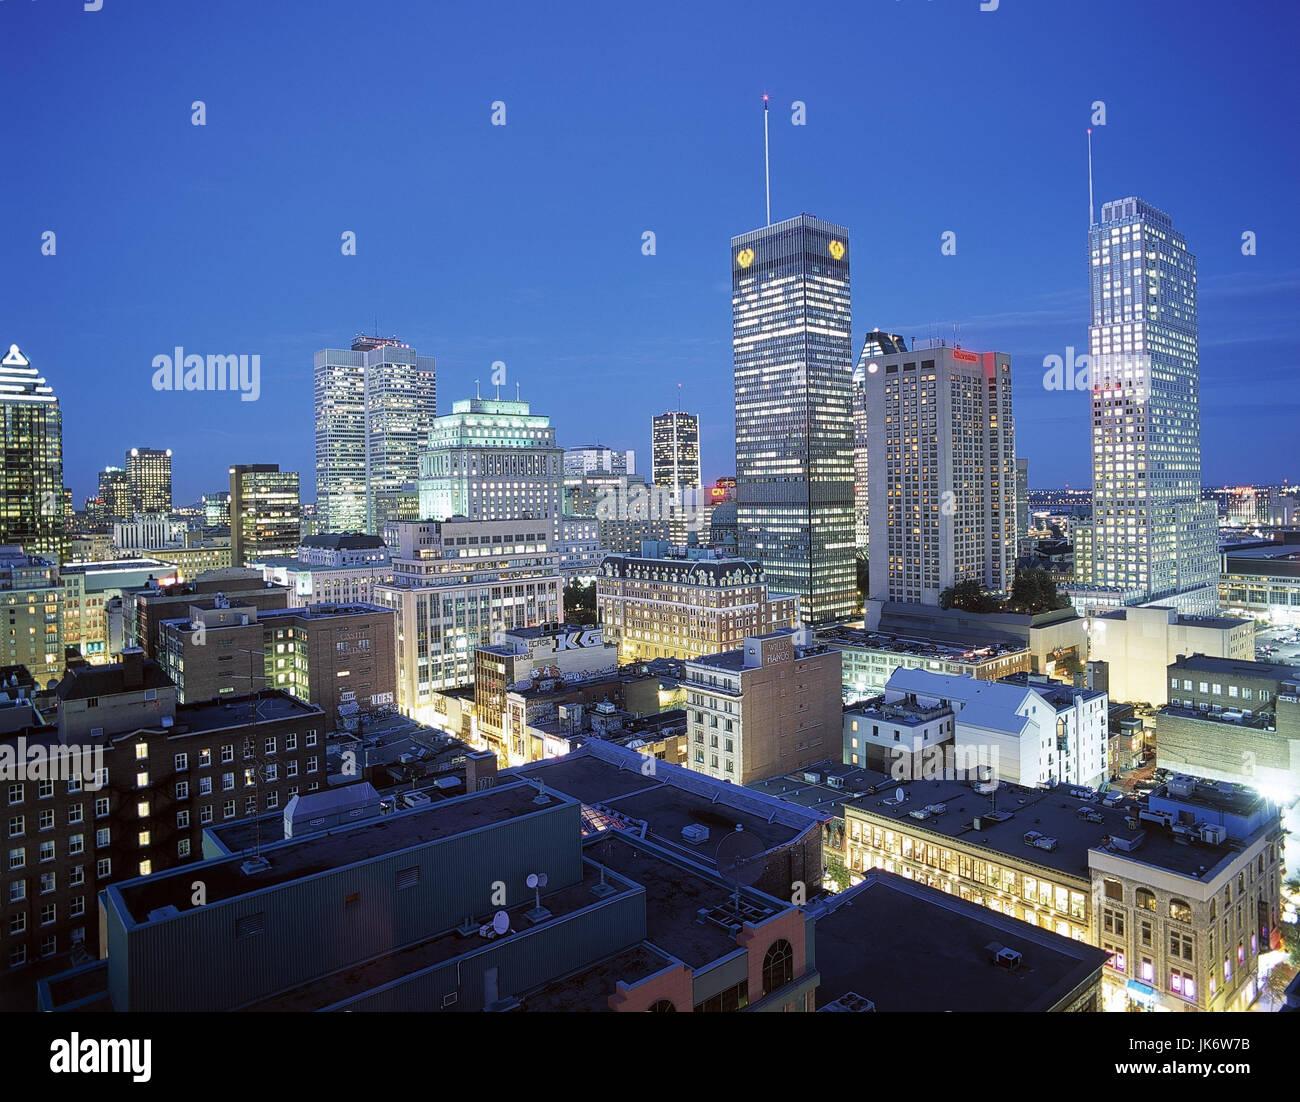 Kanada, Provinz Quebec, Montreal,  Stadtansicht, Dämmerung  Canada, Häuser, Gebäude, Hochhäuser, Wolkenkratzer, Stock Photo